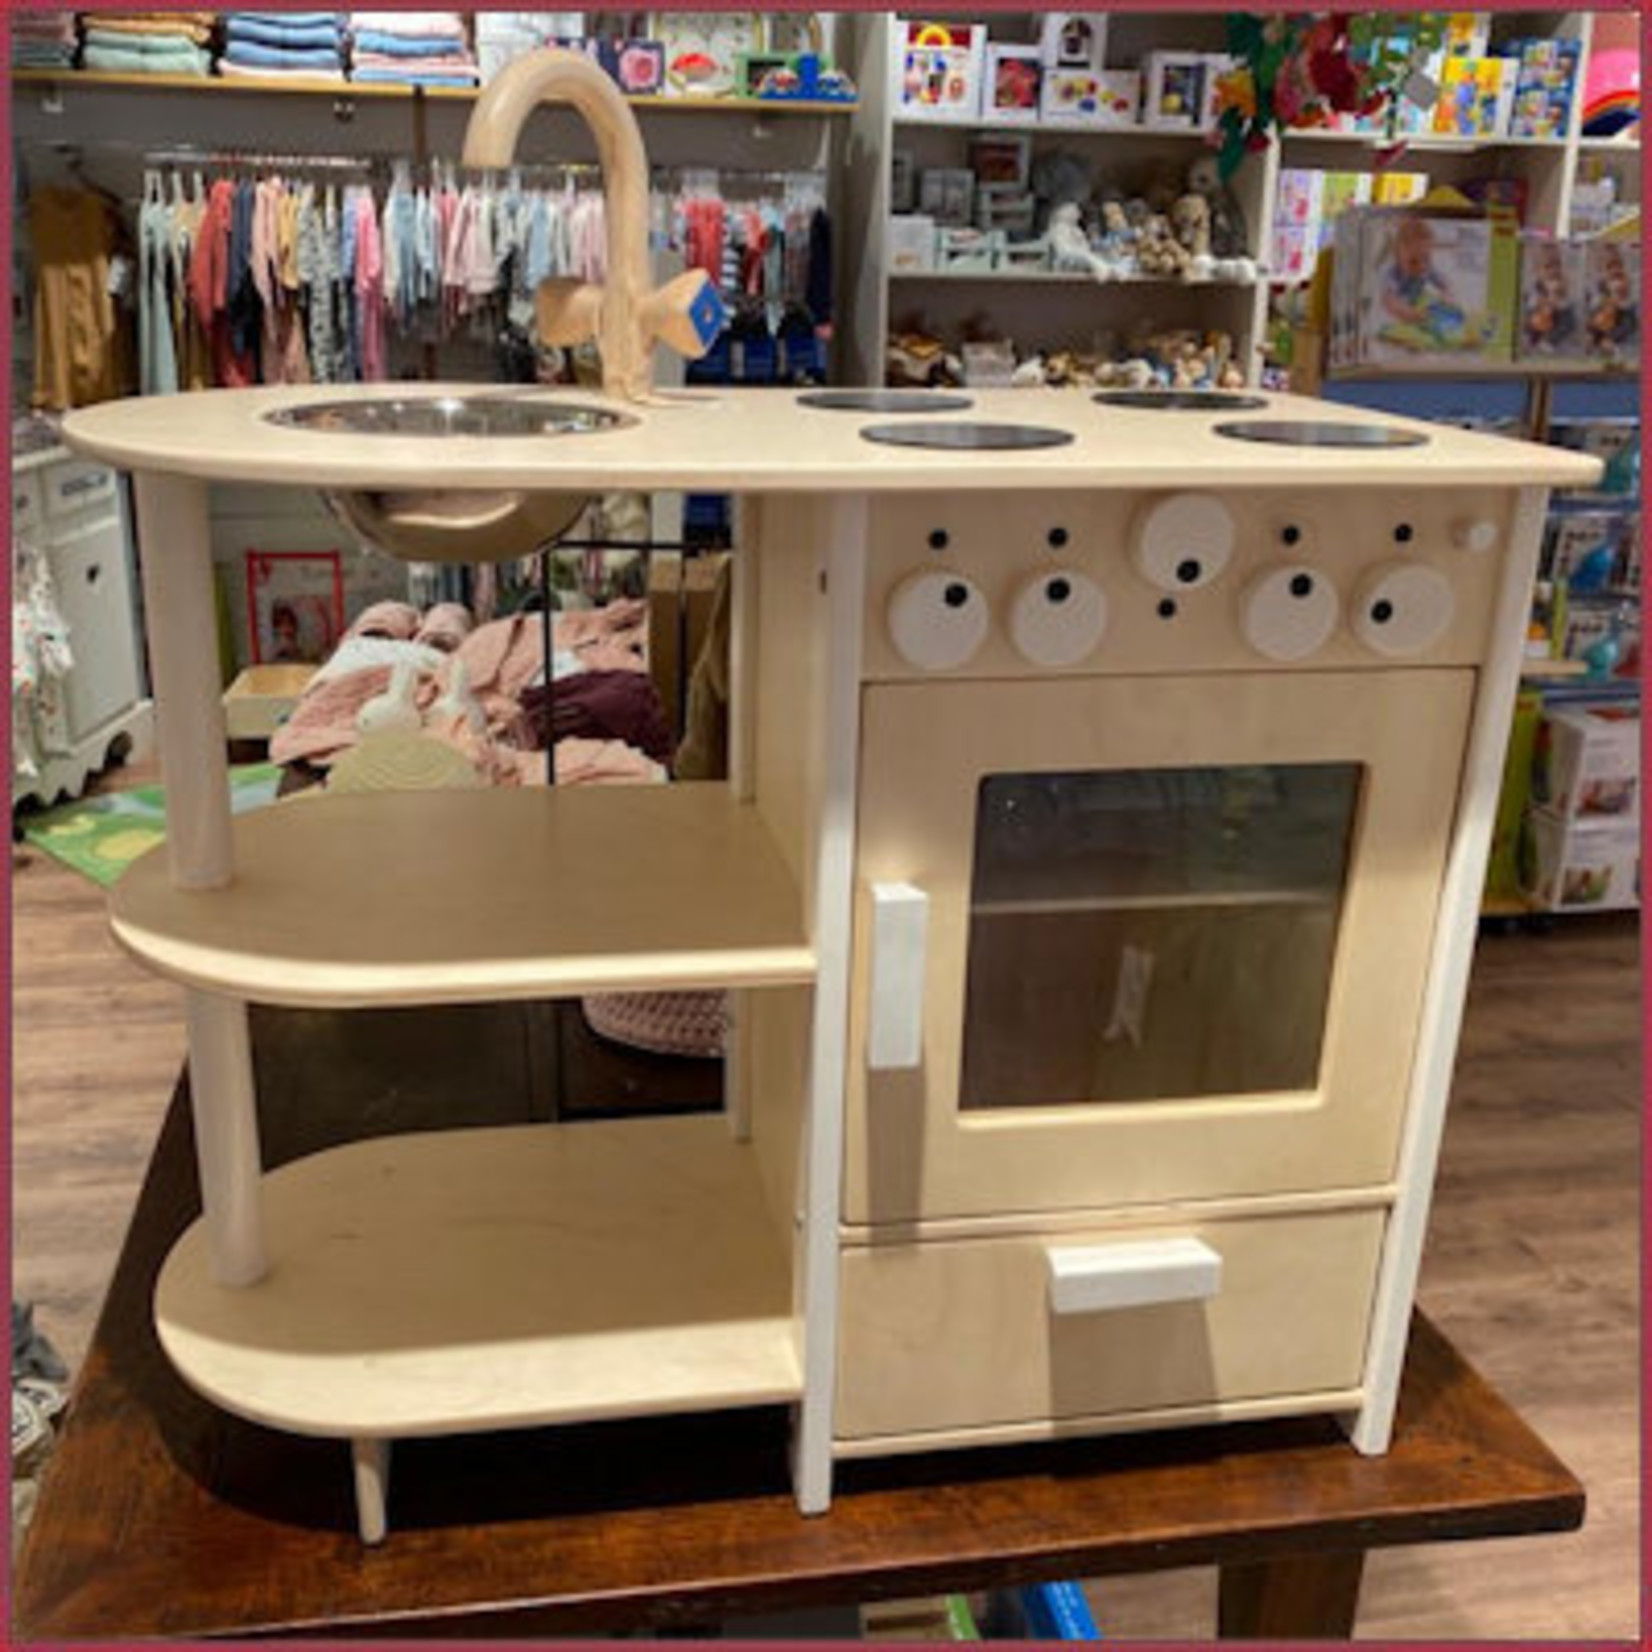 Van Dijk Toys Combi Keuken/Fornuis Kleuter White Wash blank